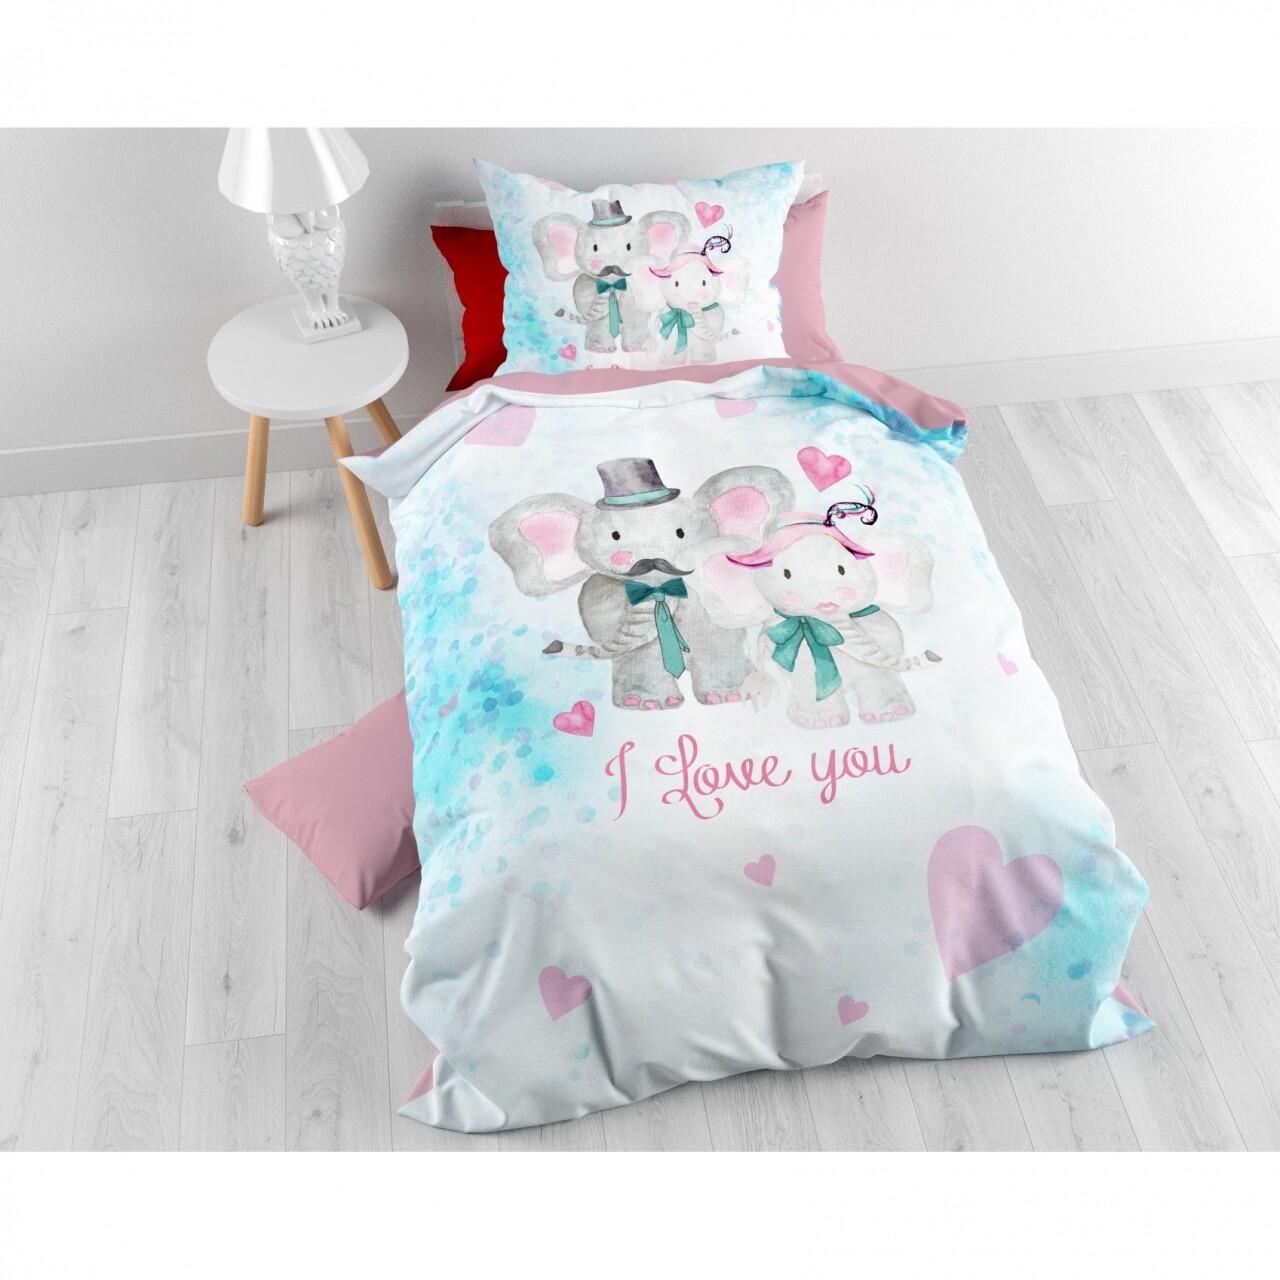 Lenjerie de pat pentru o persoana, Baby Love Multi, Royal Textile, 2 piese, 140 x 200 cm, 100% bumbac, multicolora